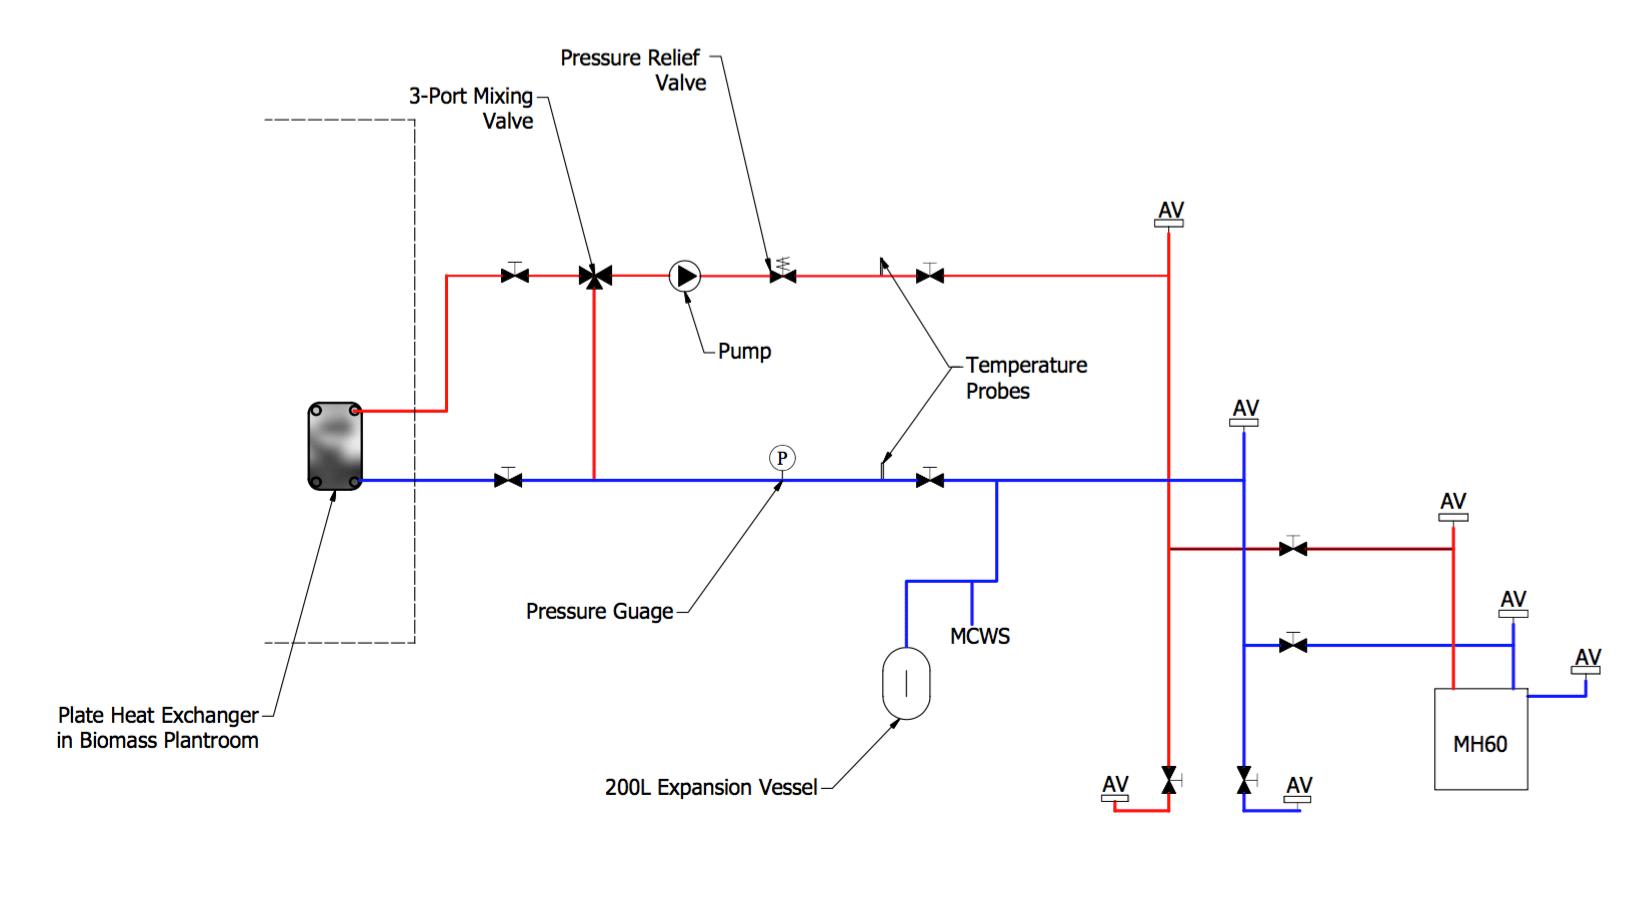 norfolk schematics, bristol schematics, green energy, biomass boilers